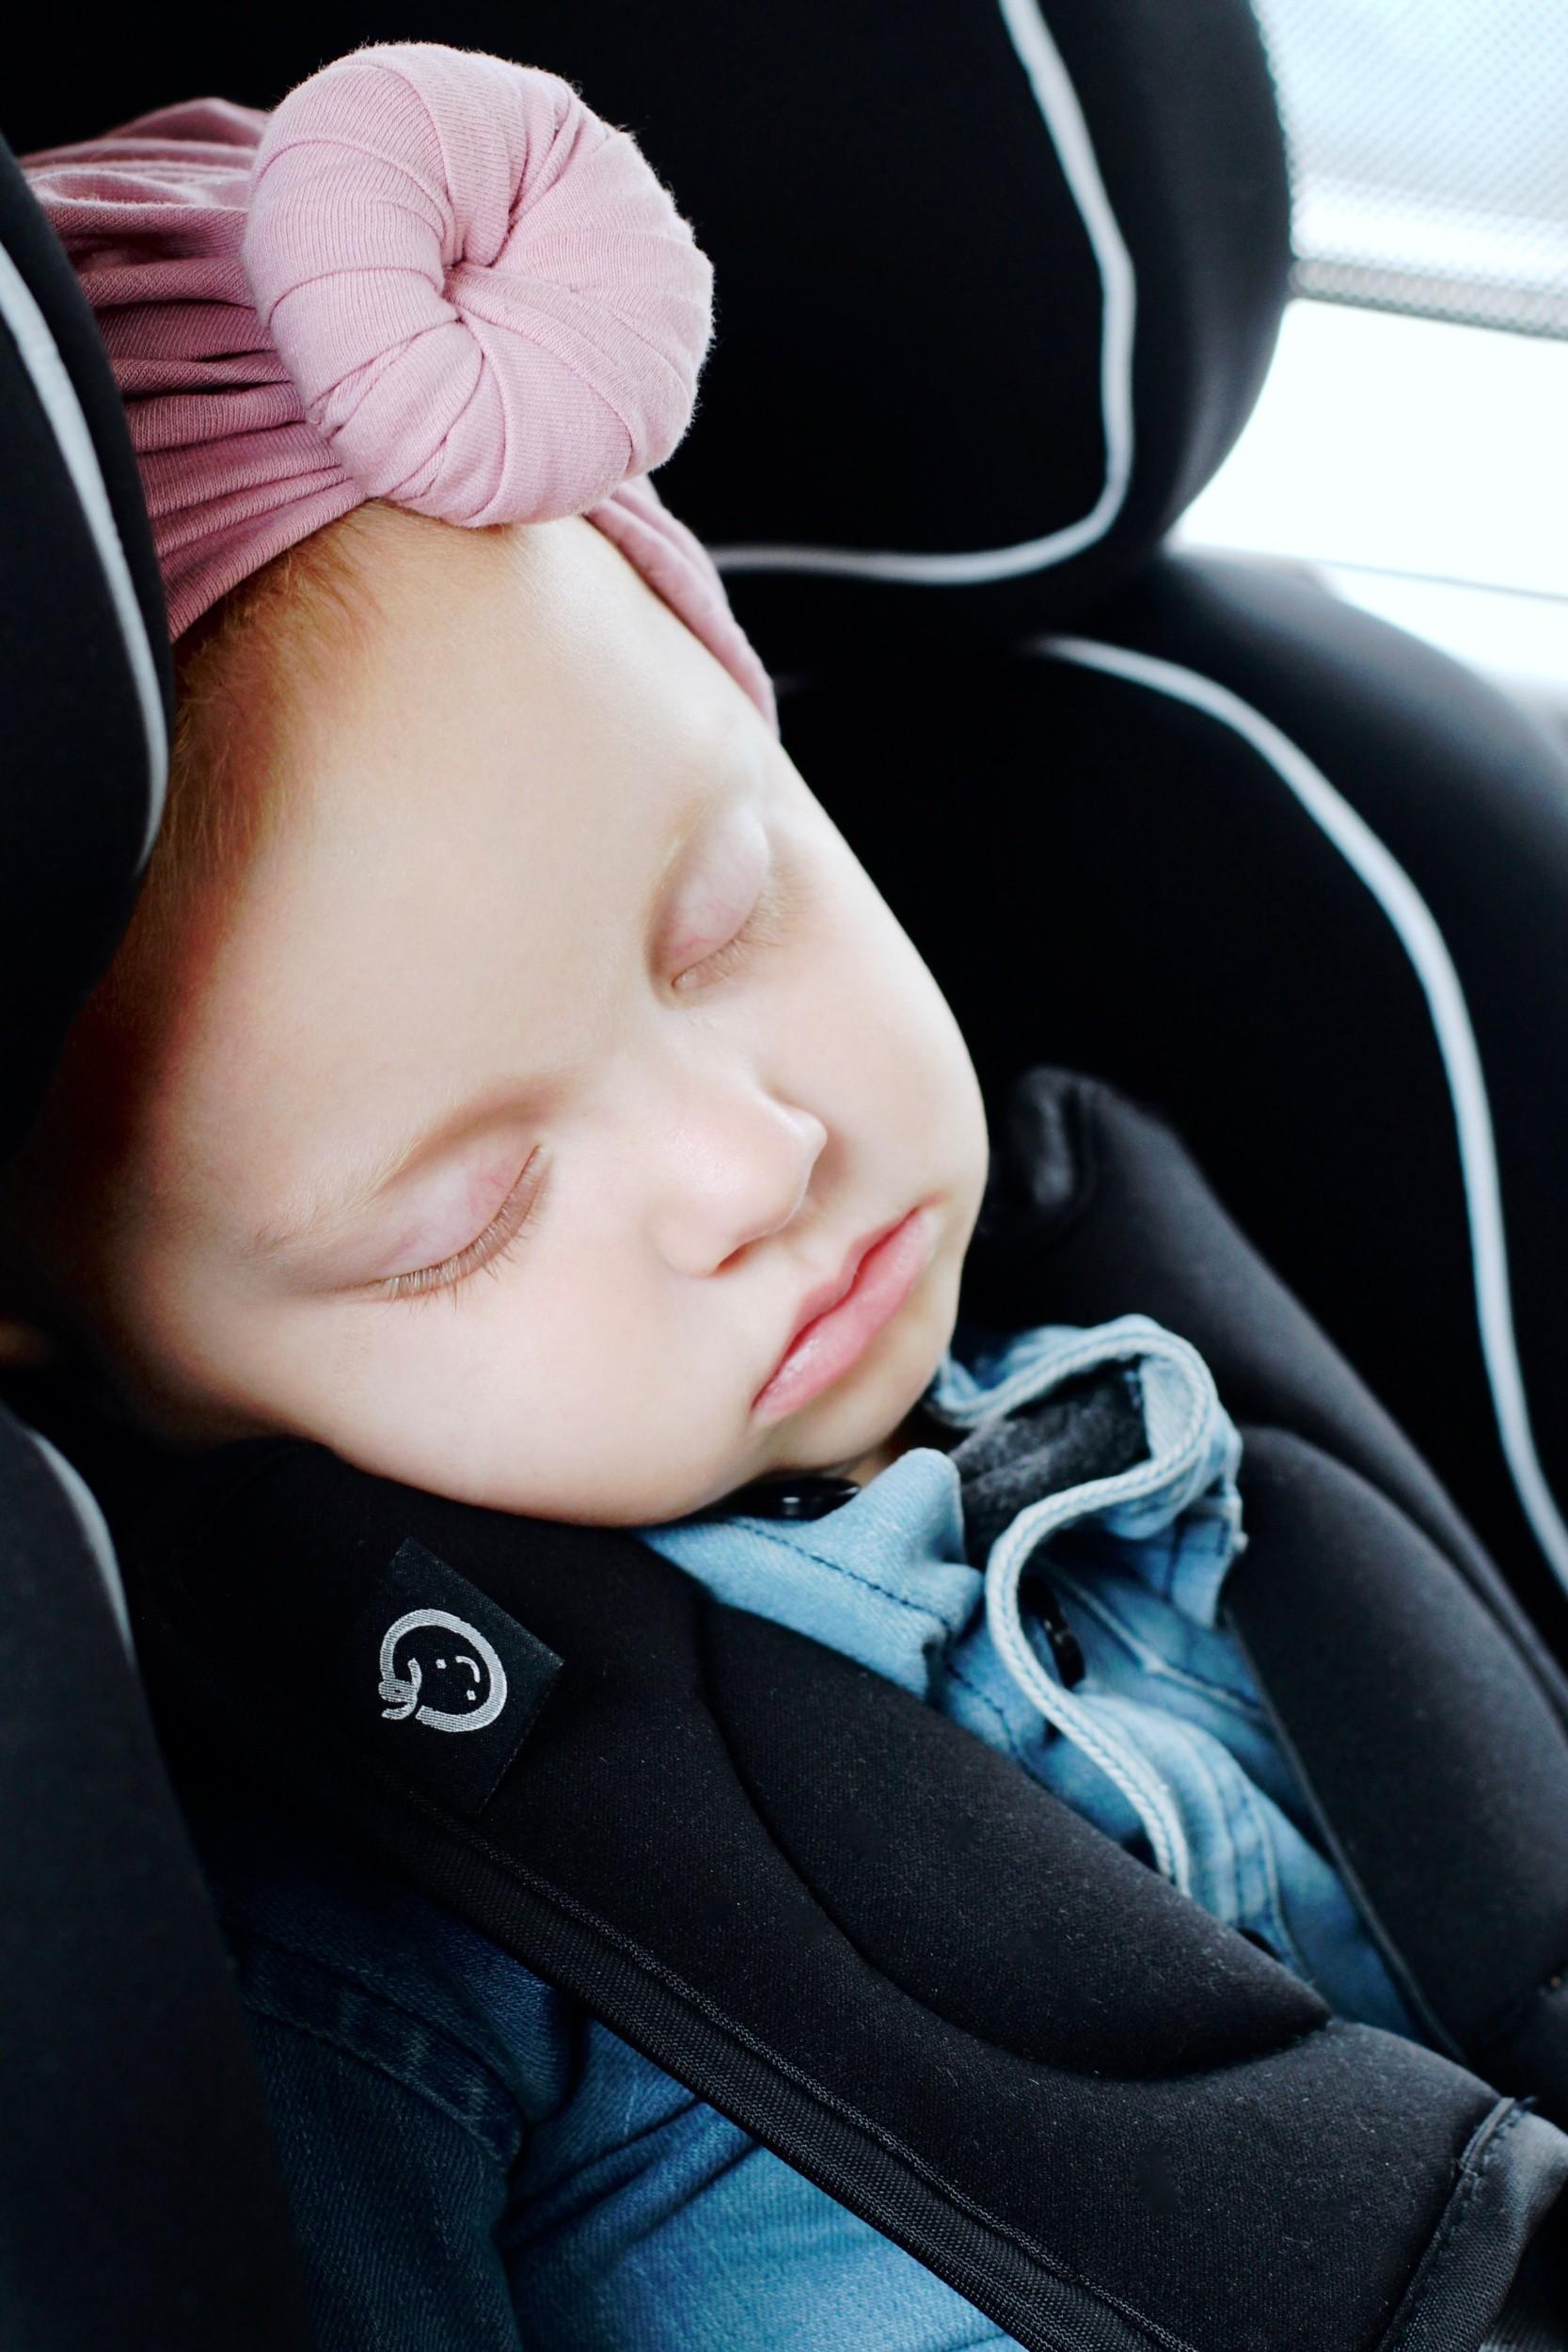 Chelino baby car seats